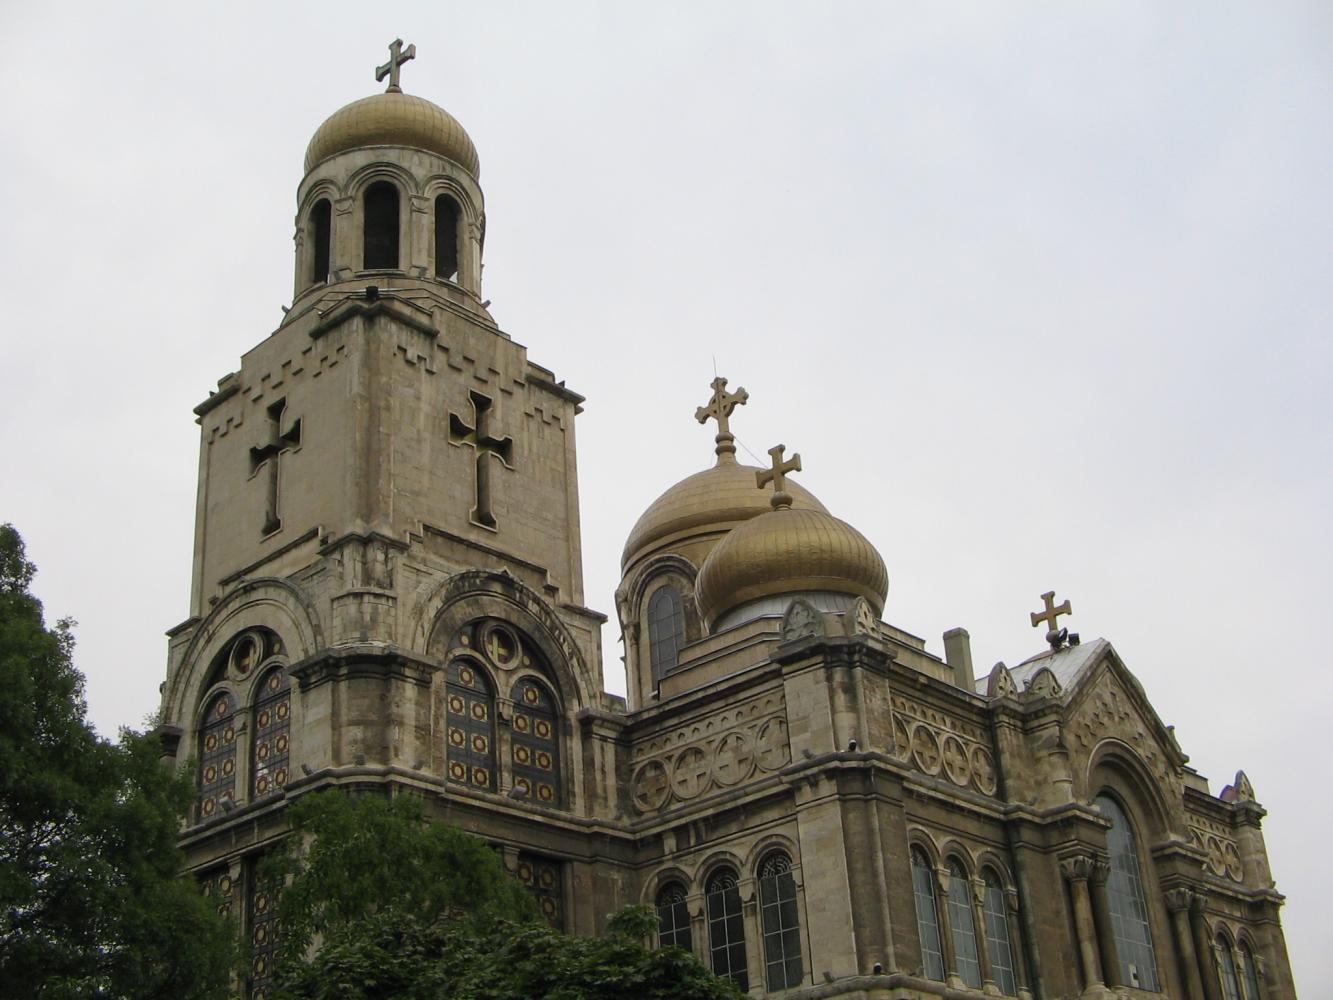 Центральная церковь с непривычным для нас крестом